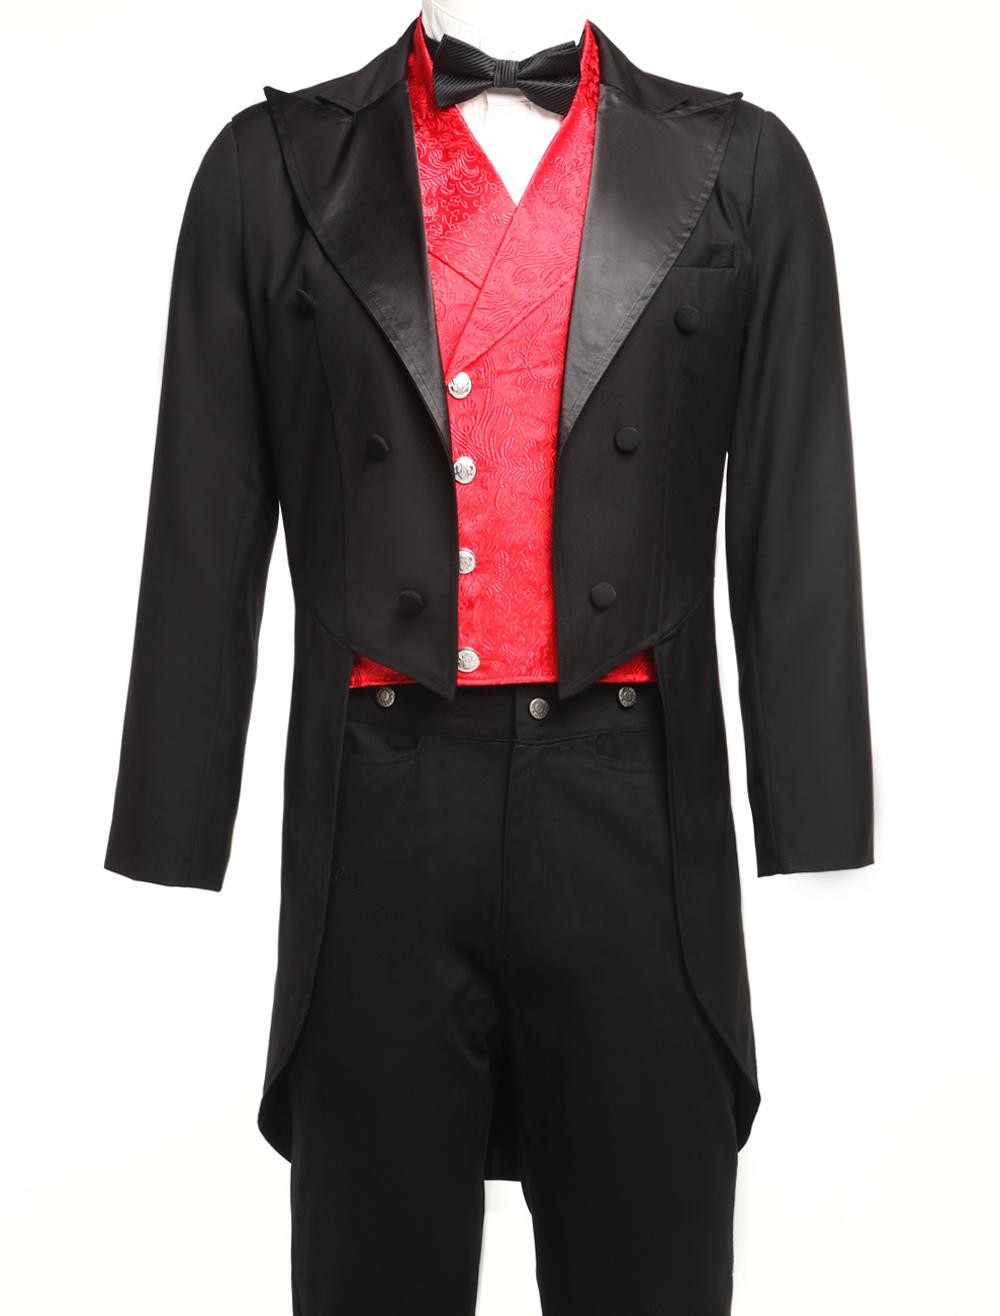 Buy Men's Vintage Costume Victorian Black High Low Coat Retro Overcoat Halloween for $90.99 in Milanoo store